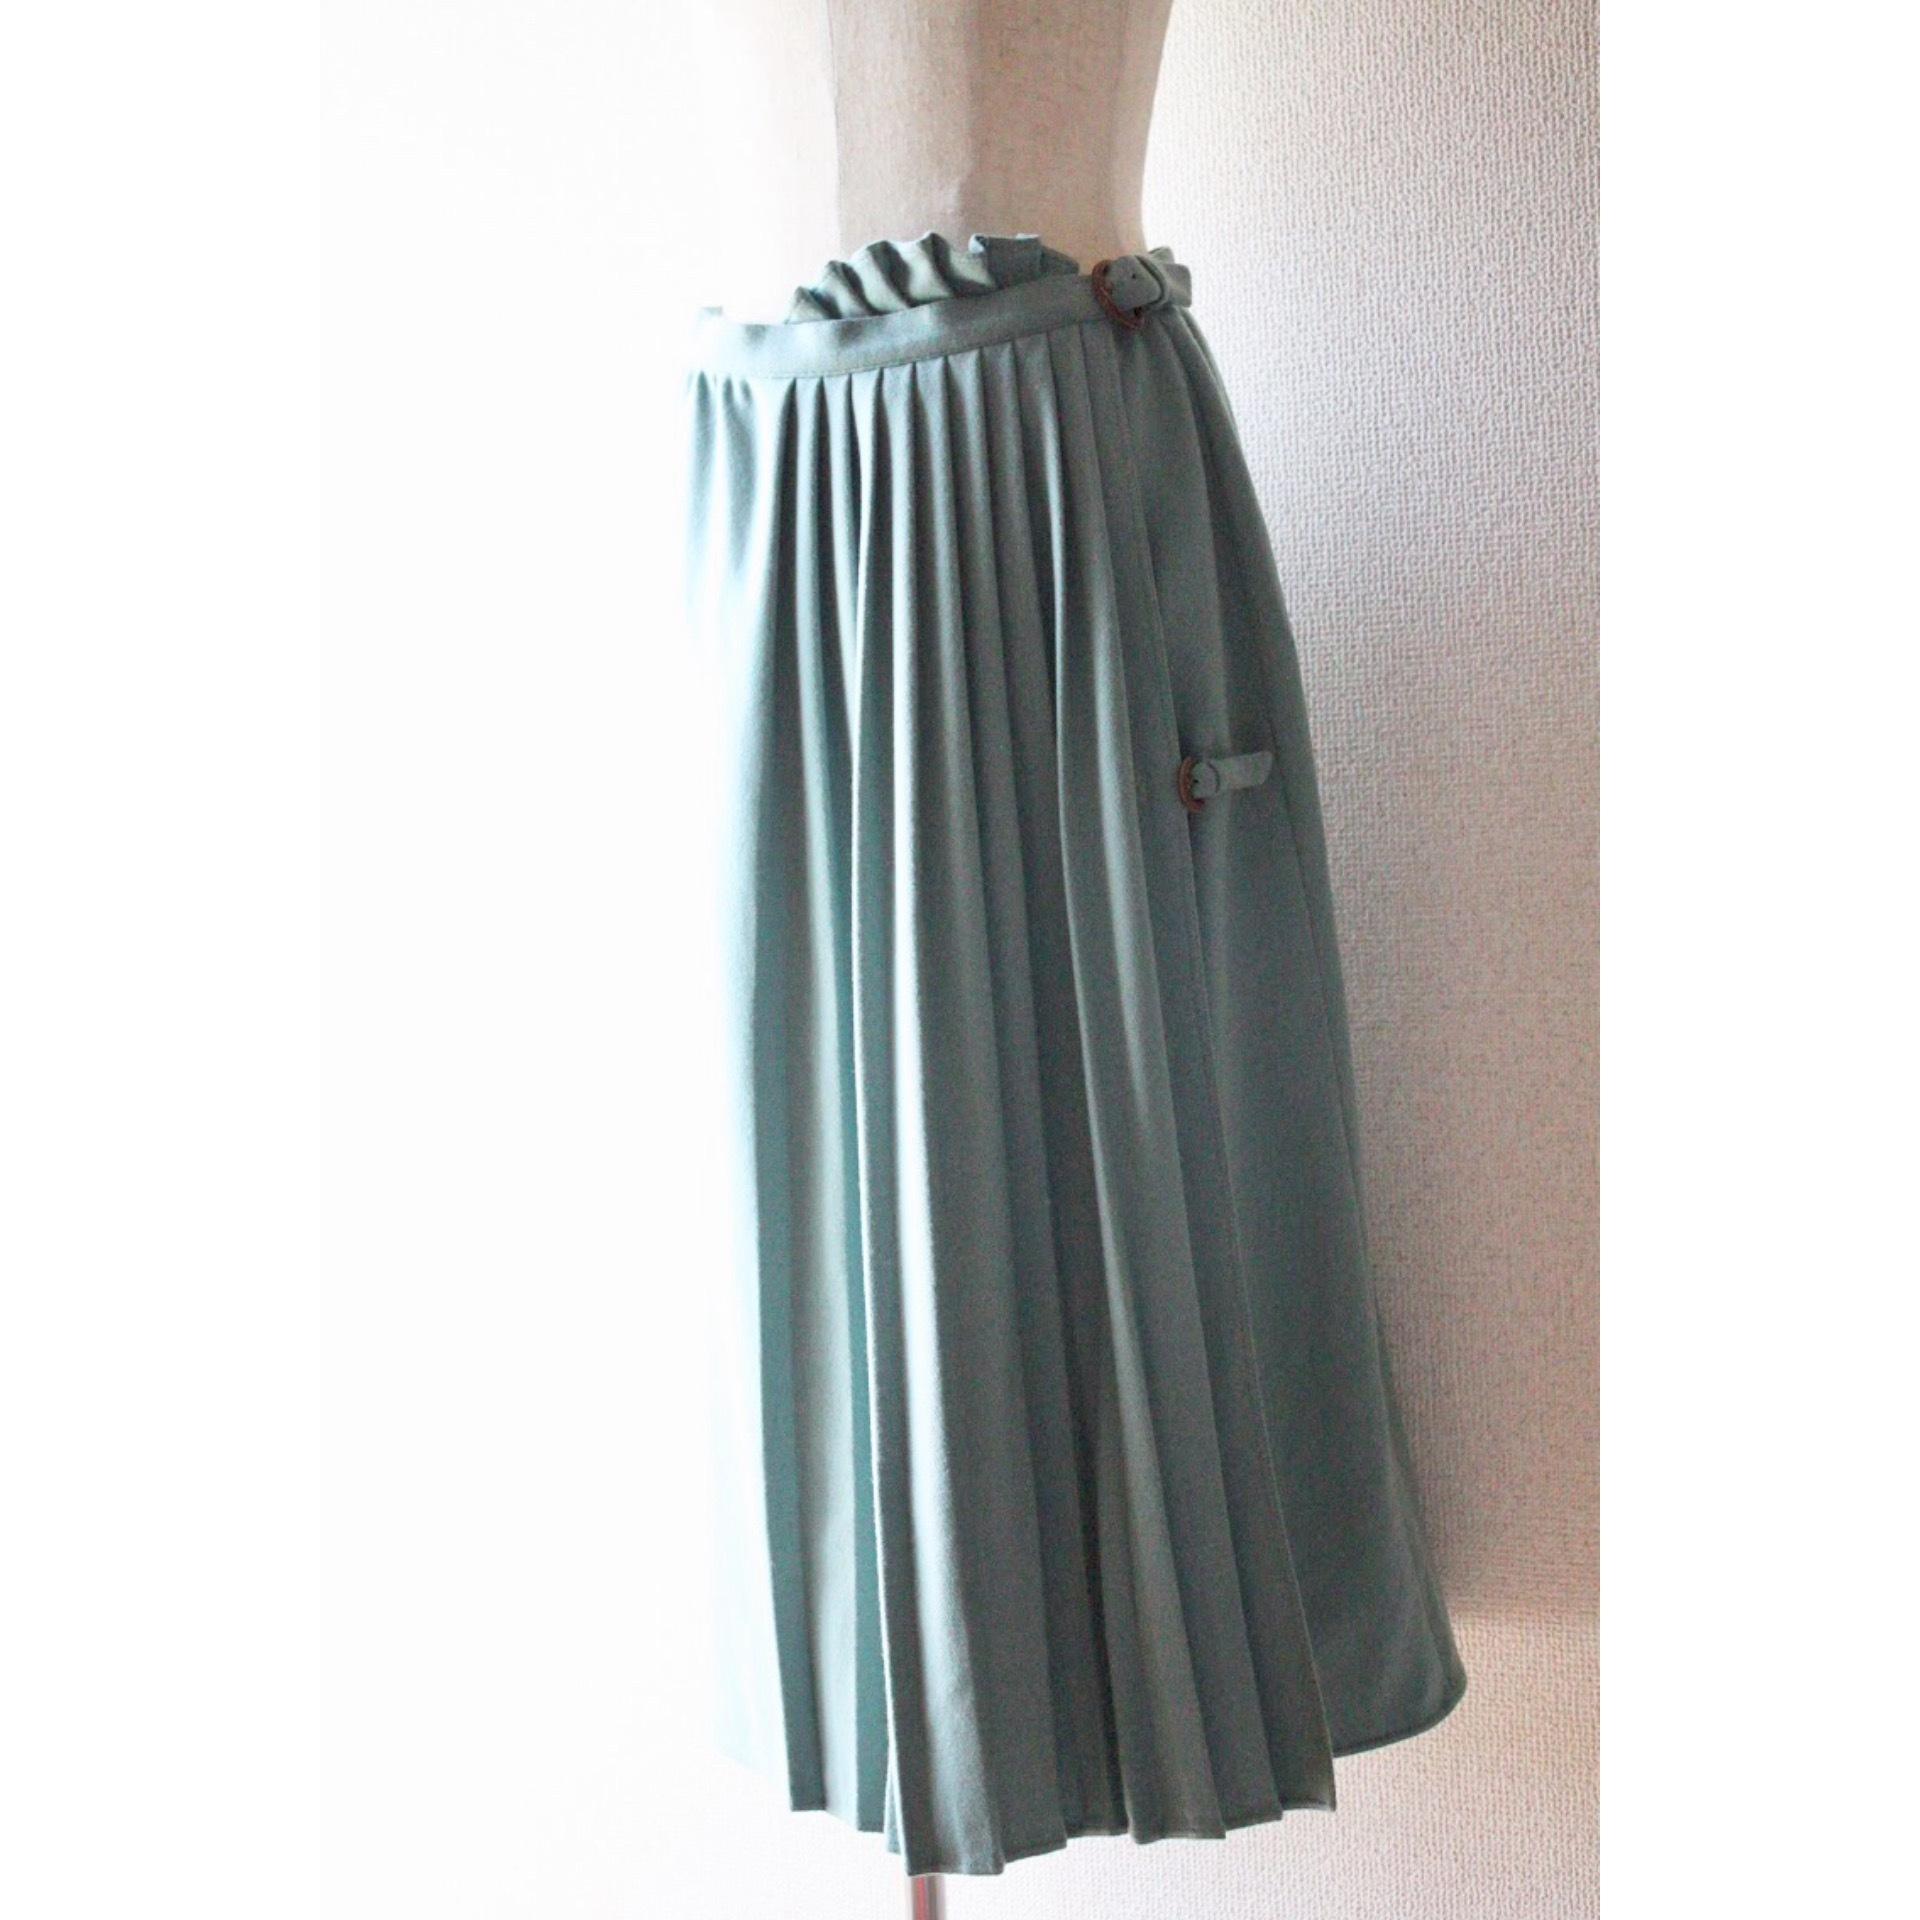 Vintage pleated skirt